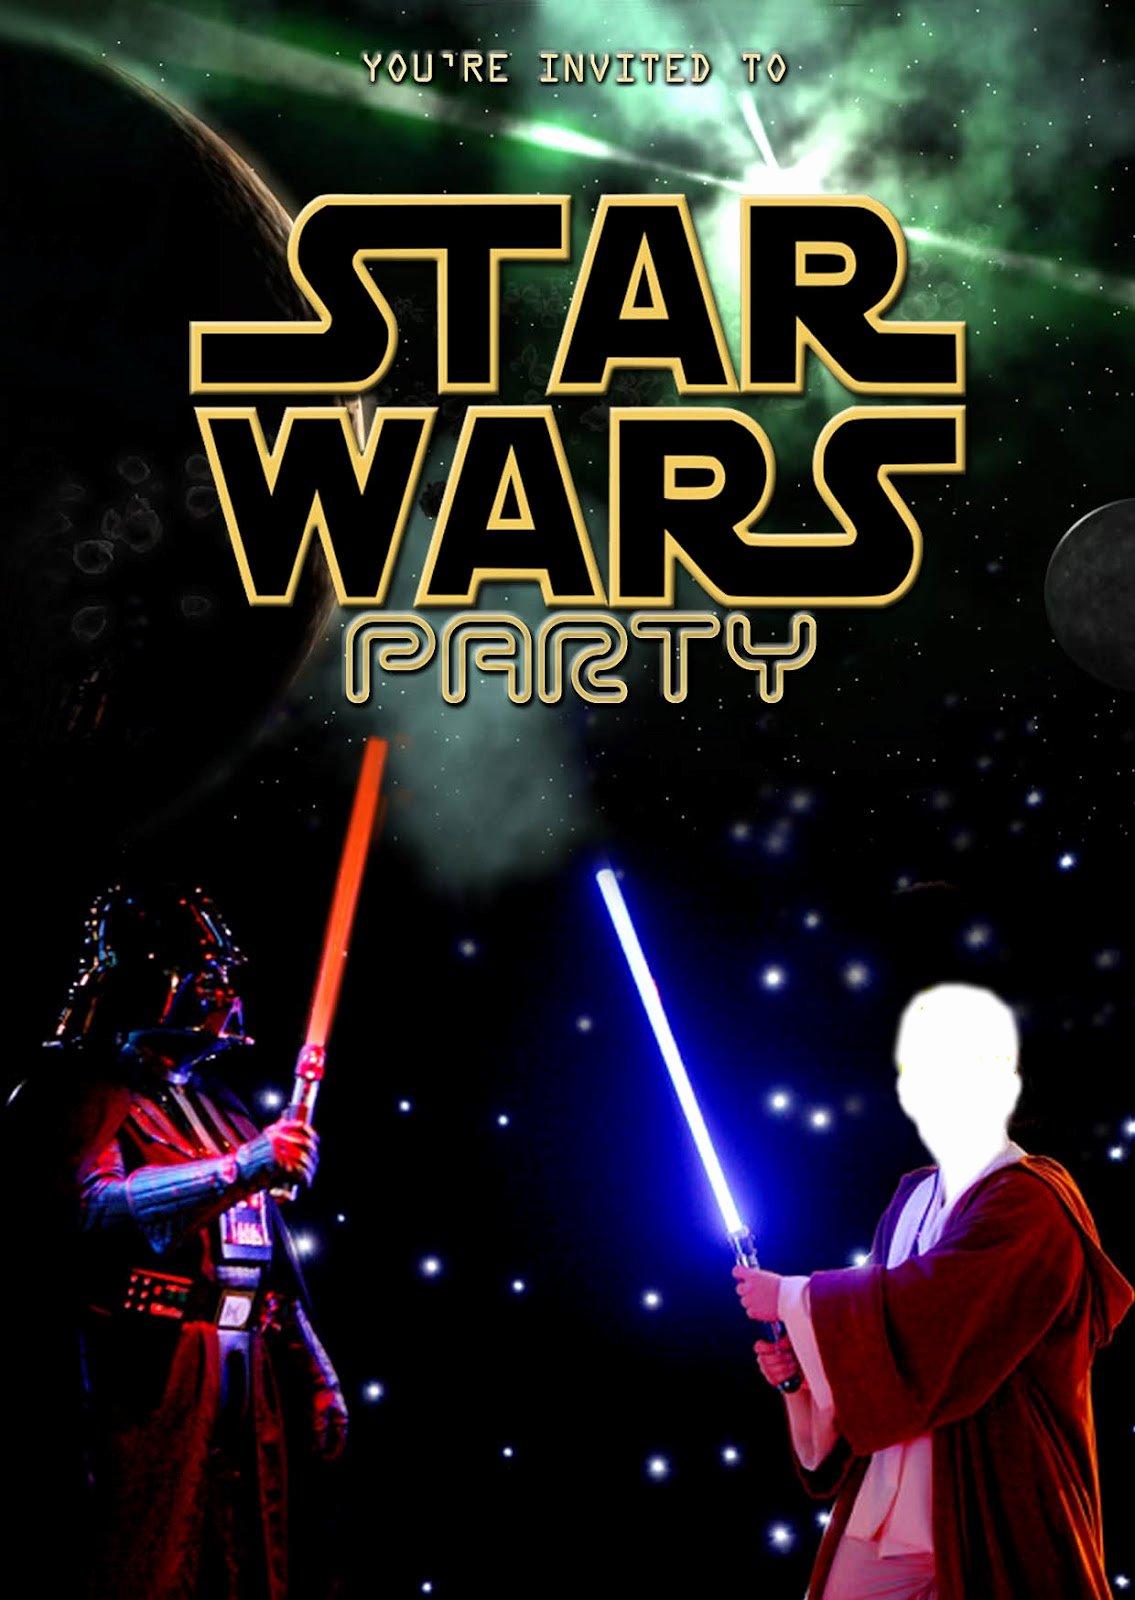 Star Wars Invitations Free Printable Luxury Free Kids Party Invitations Star Wars Party Invitation